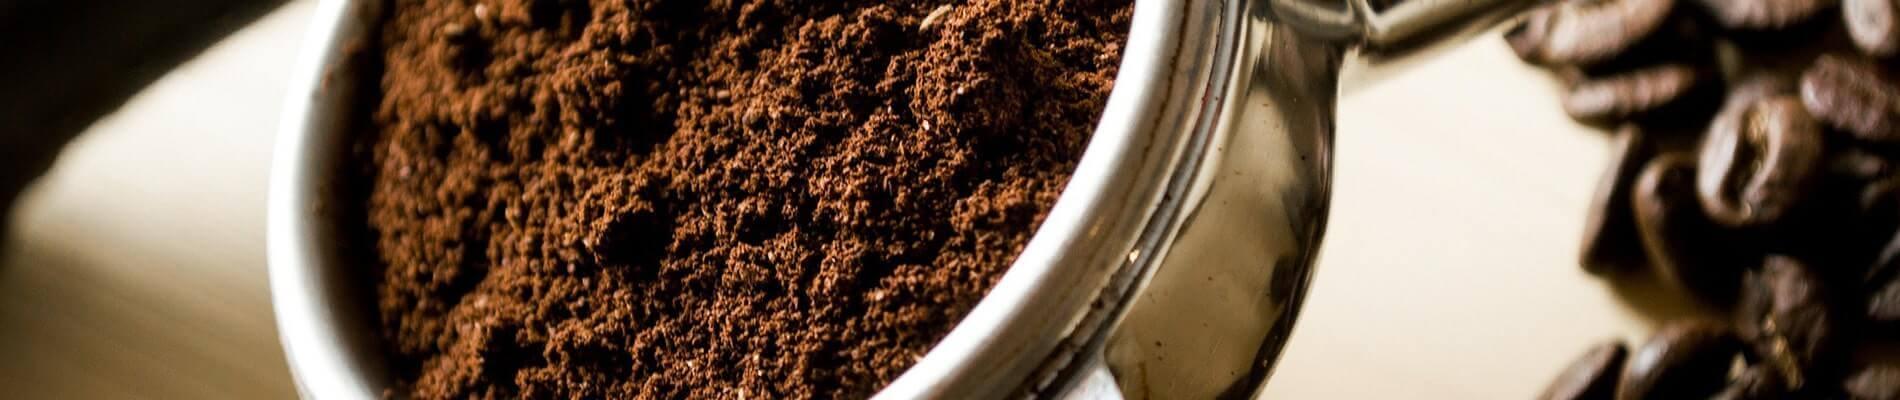 máquinas de café vending valencia castellón